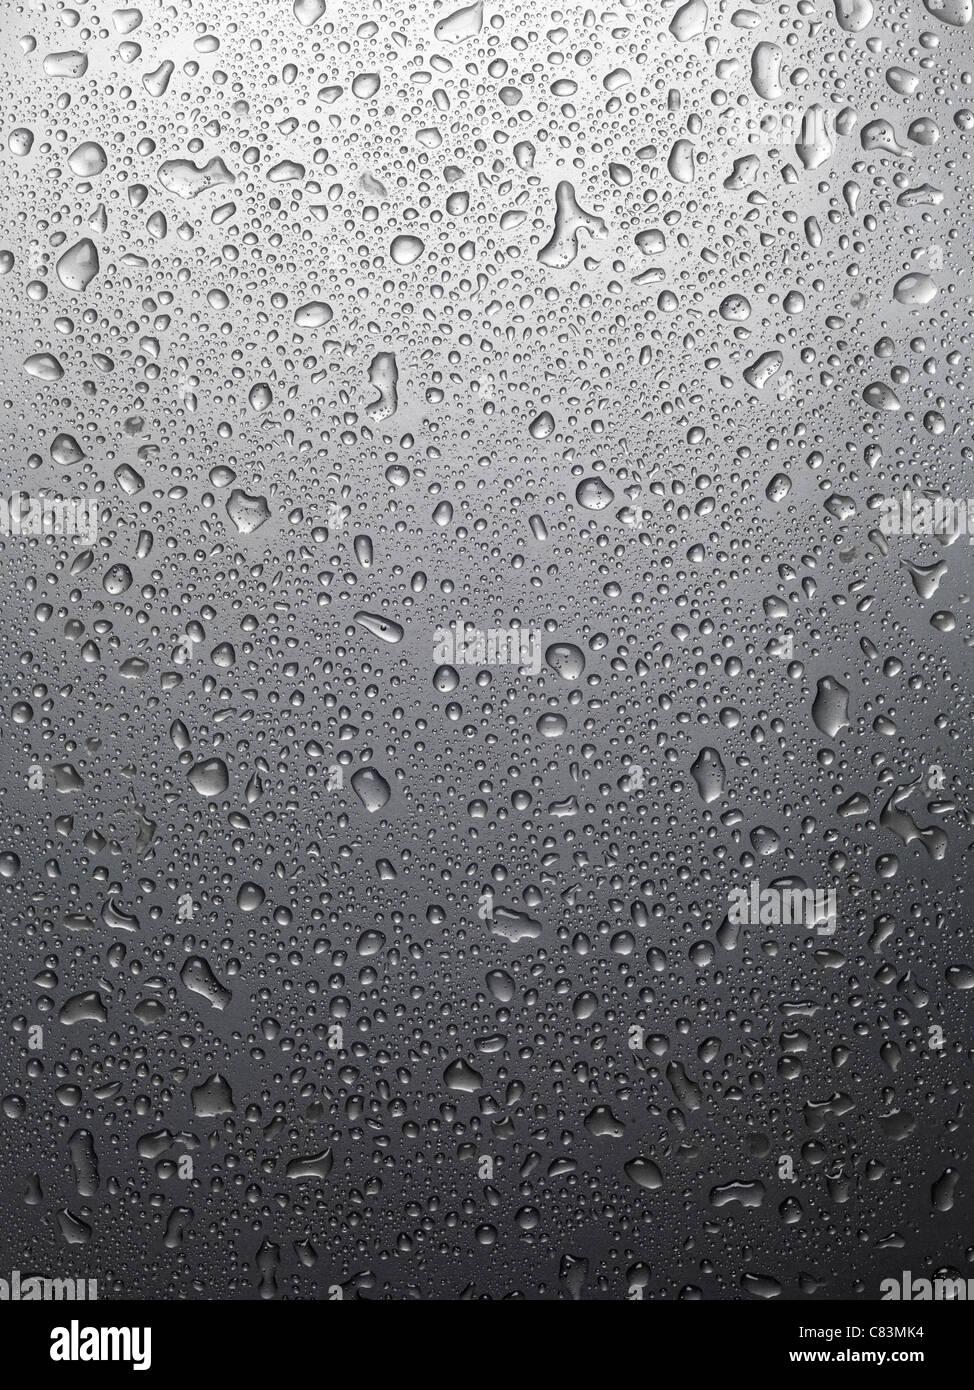 Nasses glänzendes graues Metall mit Tropfen Wasser Hintergrundtextur Stockbild